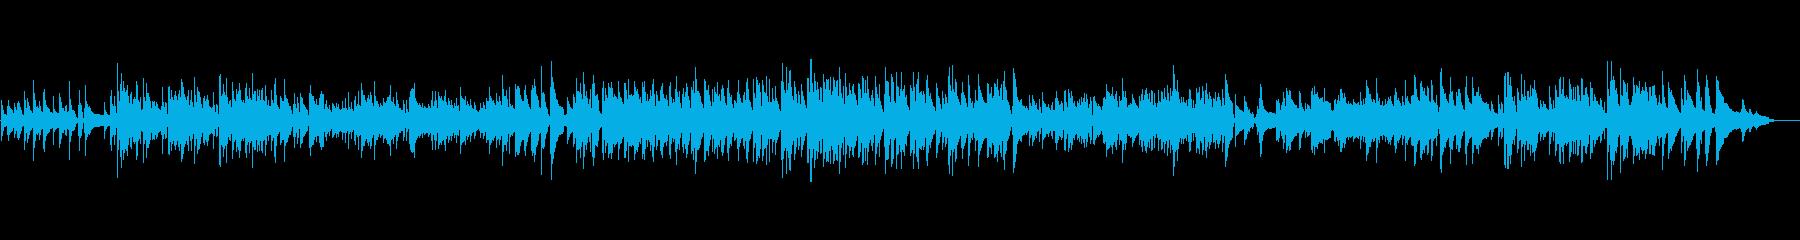 アコースティックで落ち着いたボサノバの再生済みの波形